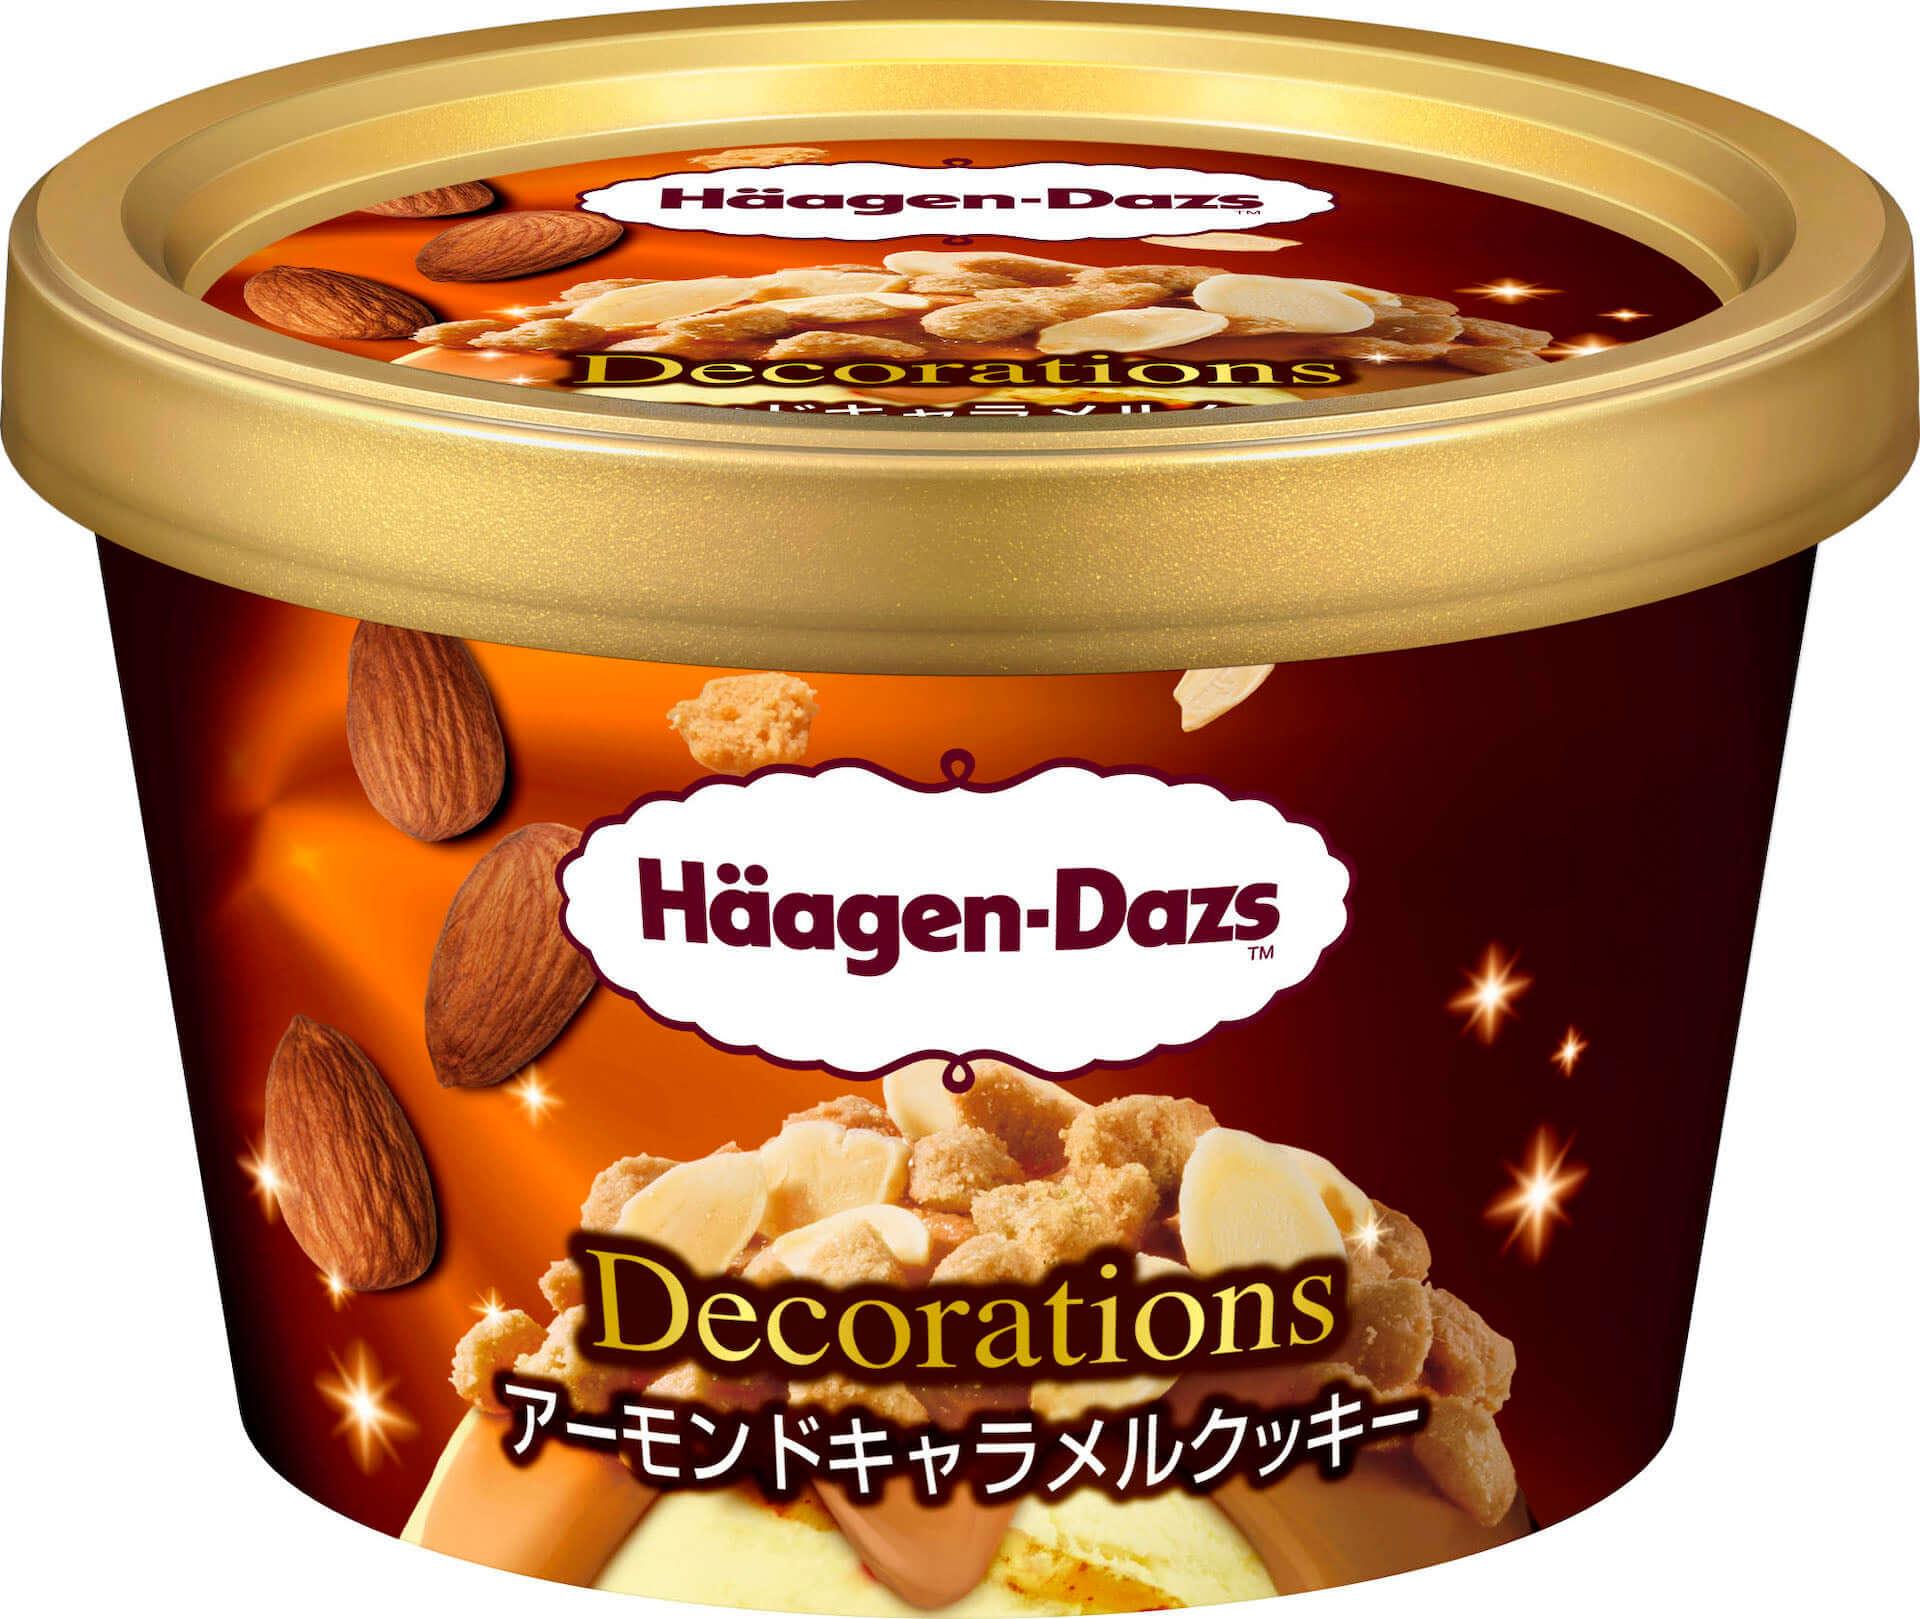 ザクザク食感がたまらないハーゲンダッツ ミニカップ新作『抹茶チョコレートクッキー』が登場!混ぜても美味しい『アーモンドキャラメルクッキー』も期間限定発売 gourmet210322_haagen-dazs_4-1920x1619